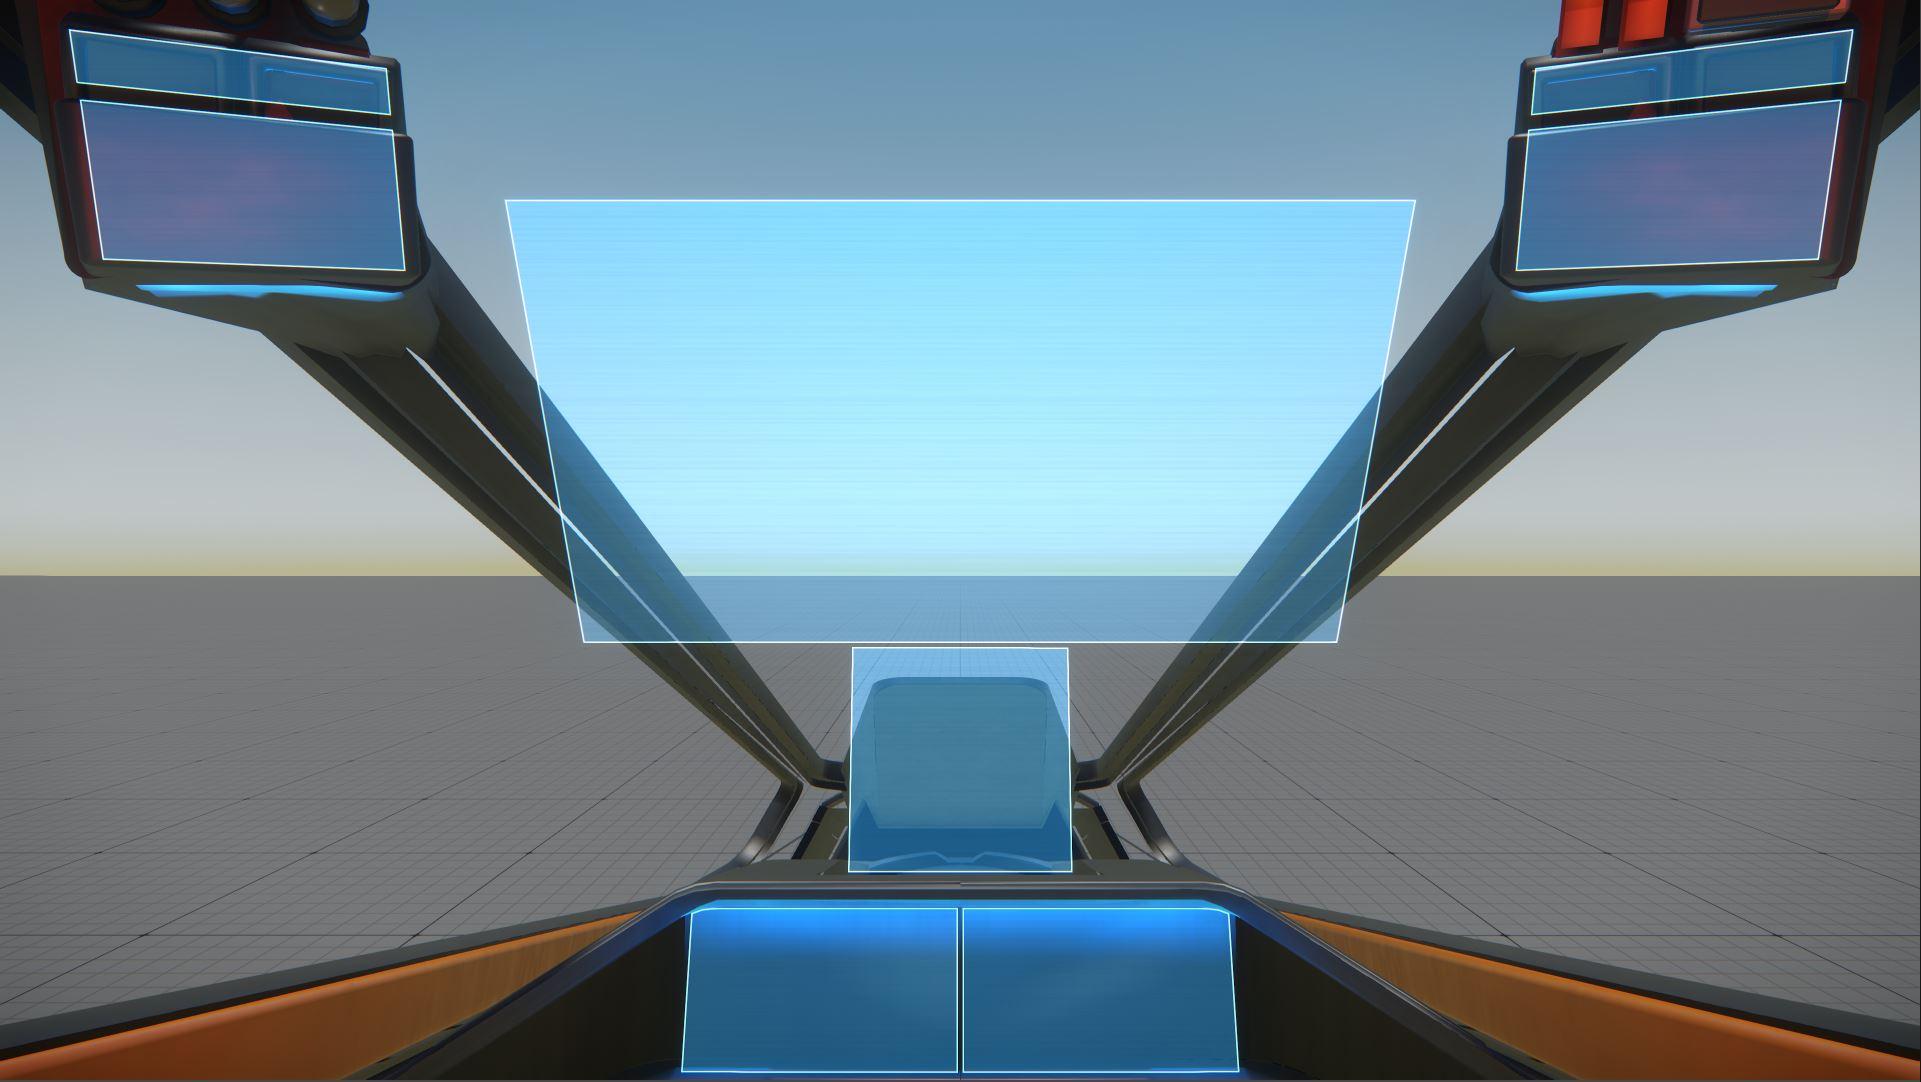 Pilot_POV.jpg